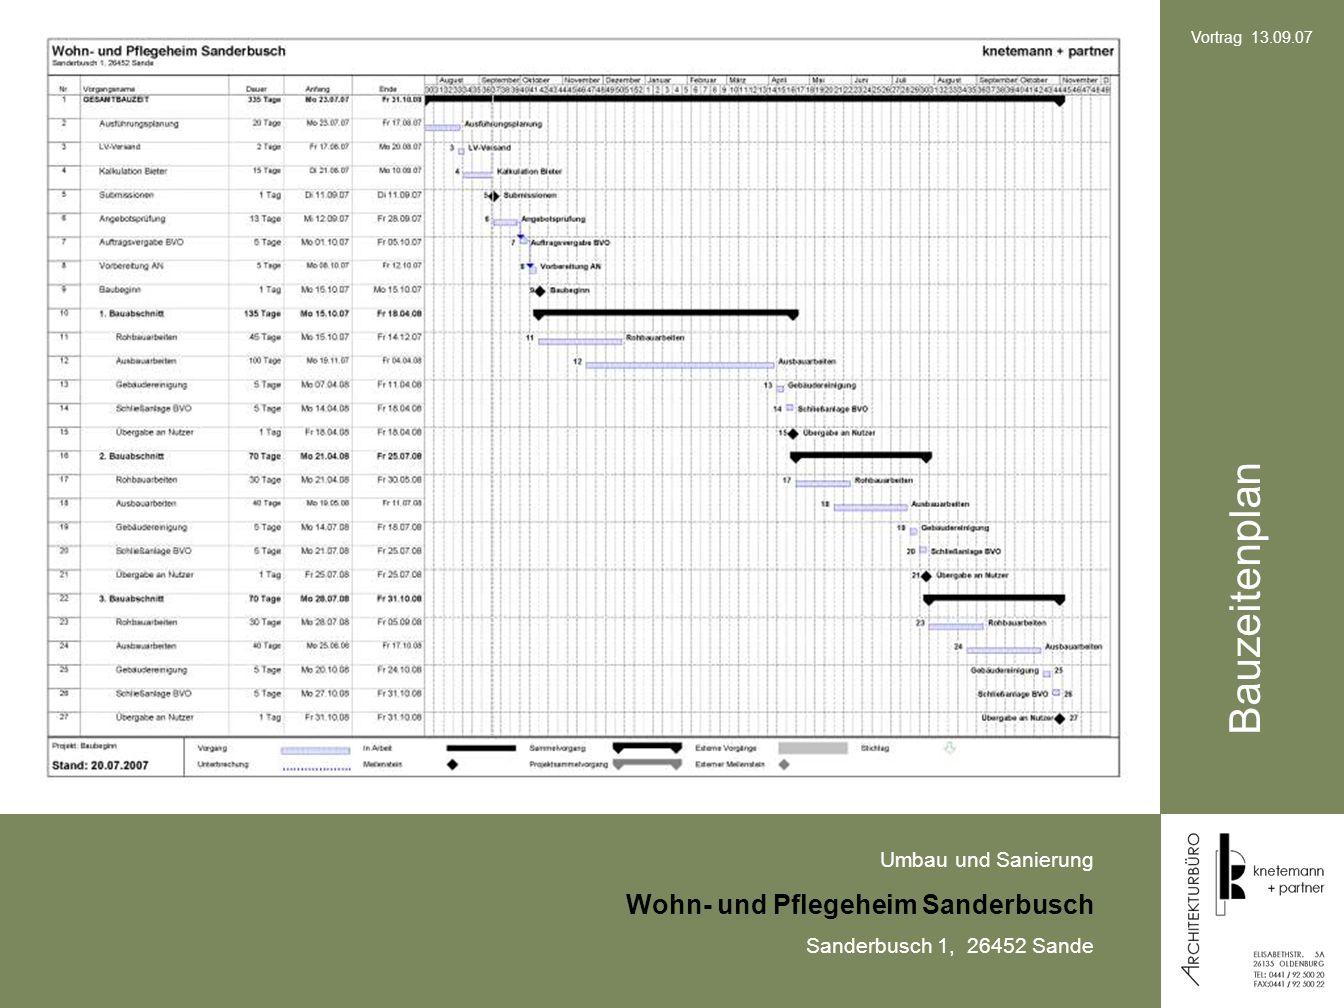 Umbau und Sanierung Wohn- und Pflegeheim Sanderbusch Sanderbusch 1, 26452 Sande Vortrag 13.09.07 Bauzeitenplan